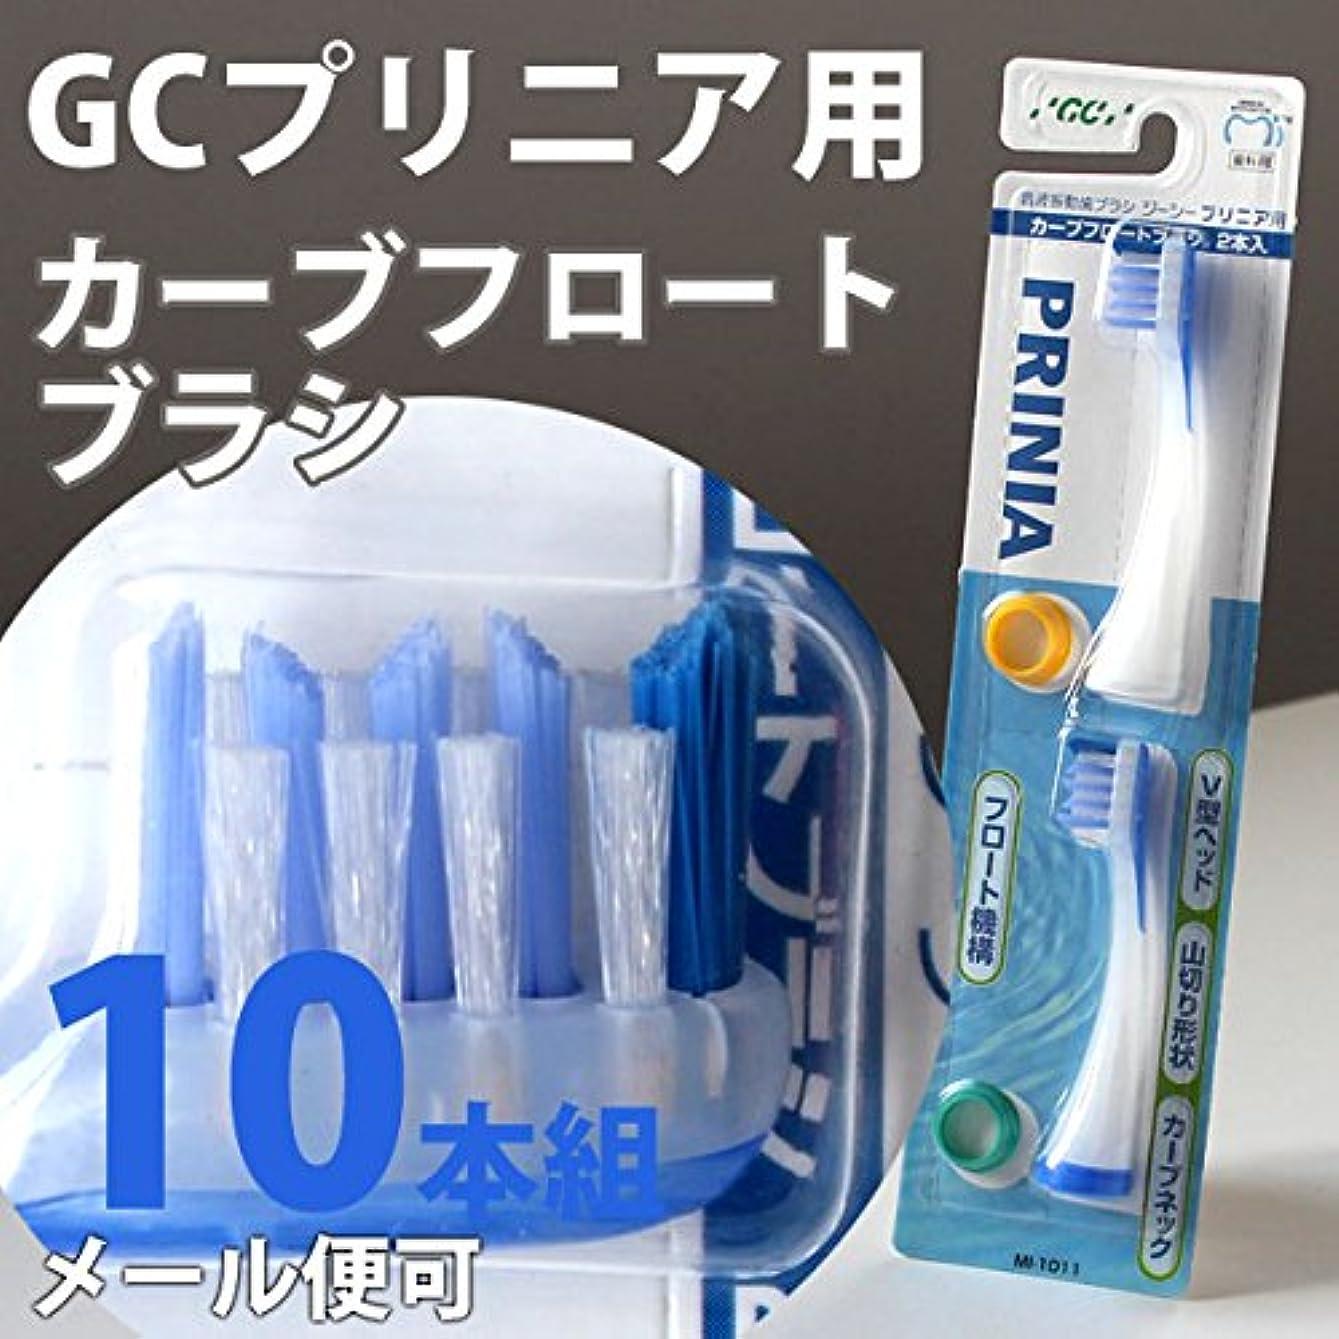 ローマ人ゆりかご若いプリニア GC 音波振動 歯ブラシ プリニアスリム替えブラシ カーブフロートブラシ 5セット (10本) ブルー